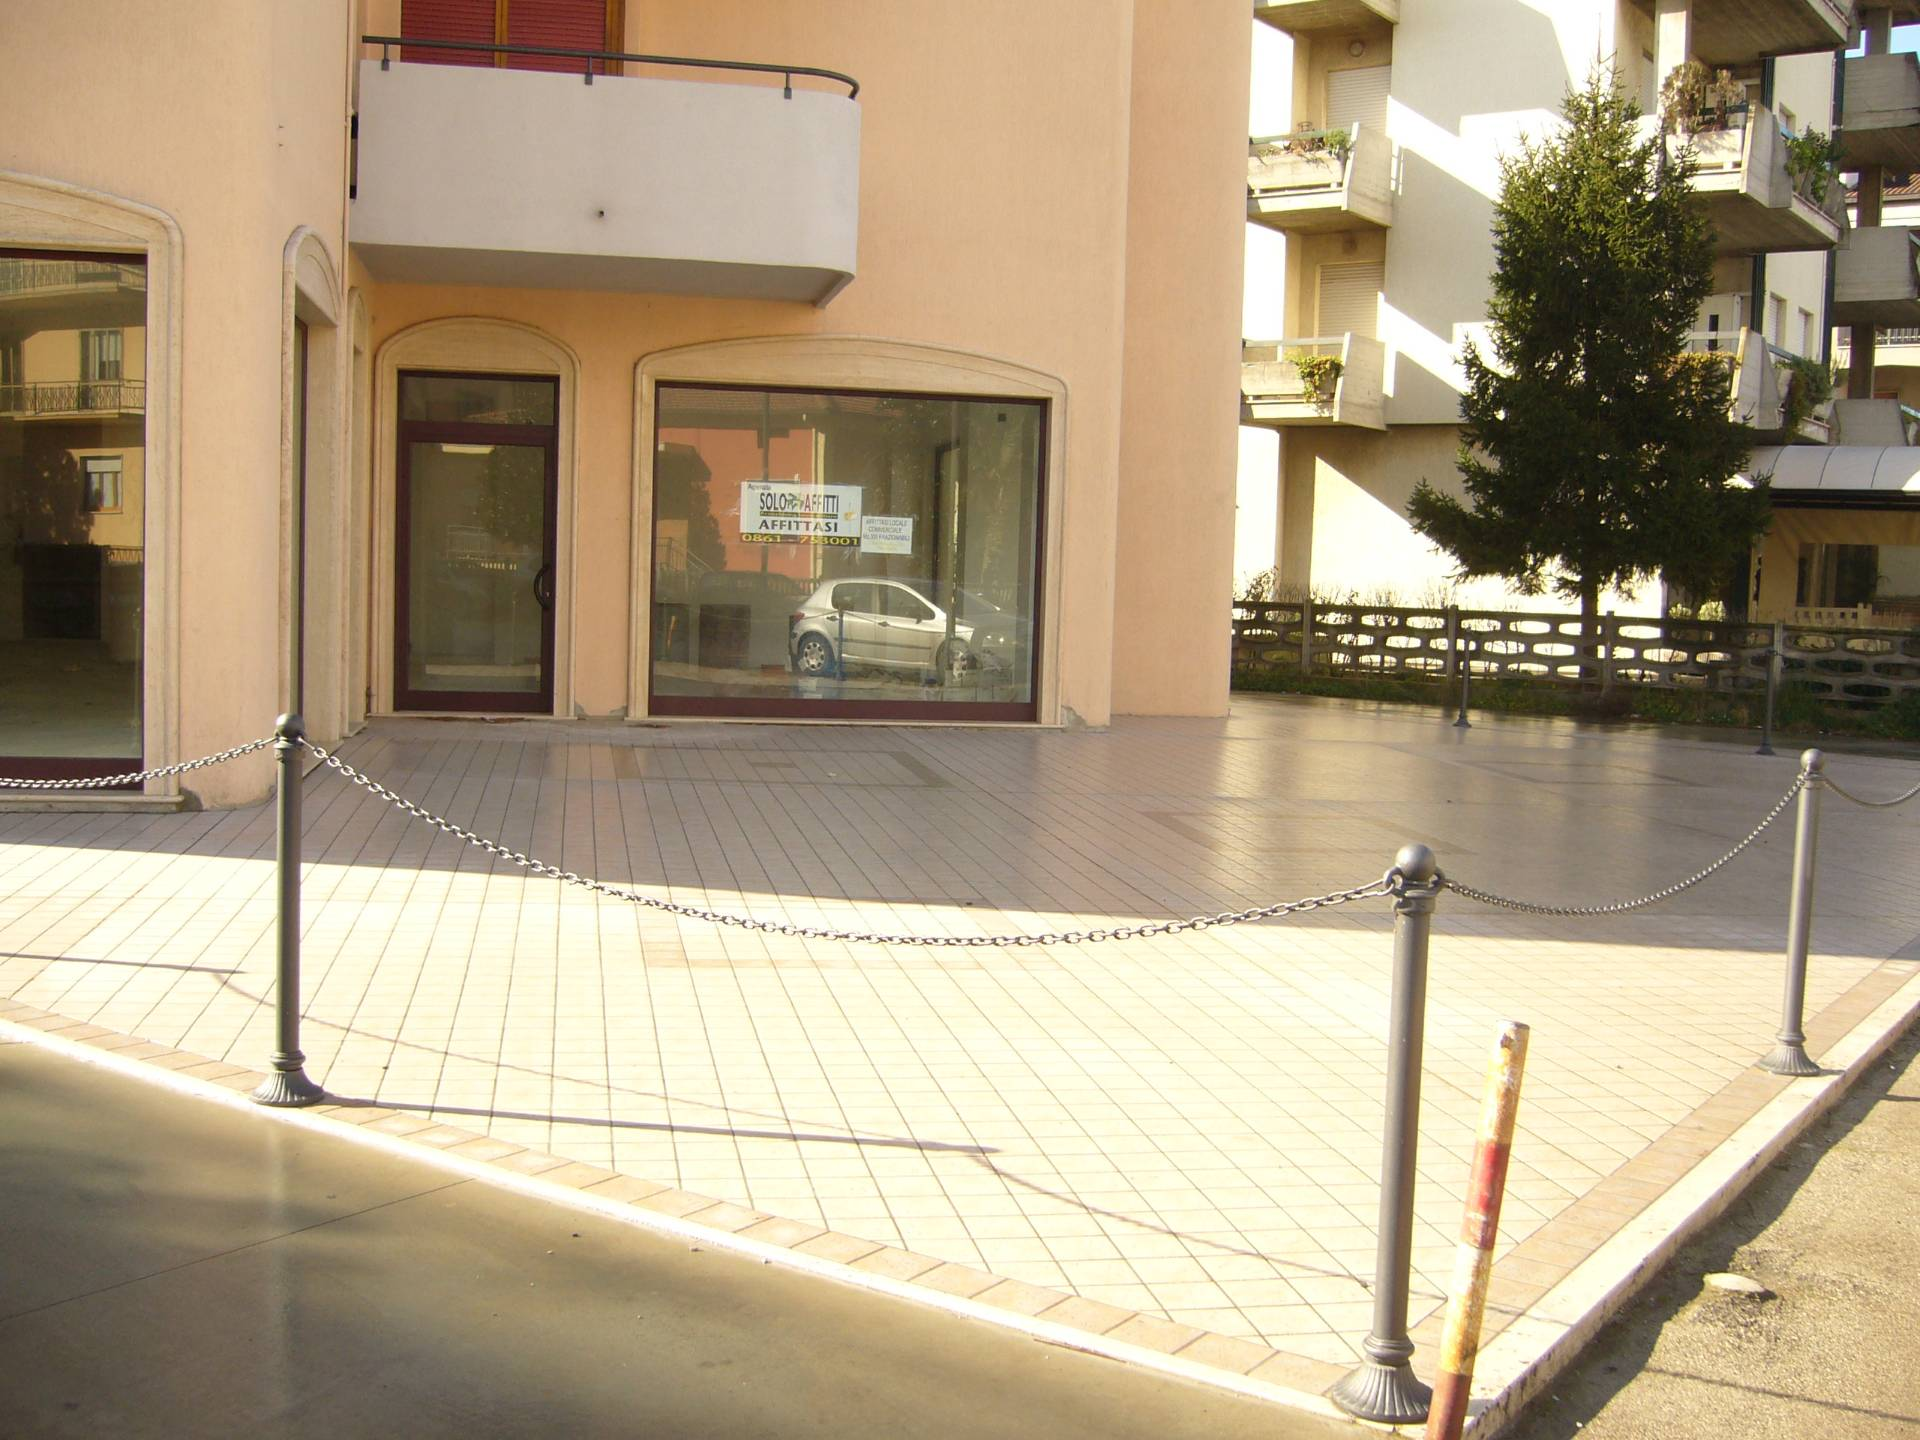 Negozio / Locale in affitto a Alba Adriatica, 9999 locali, zona Località: ZonaMare, prezzo € 2.200 | CambioCasa.it